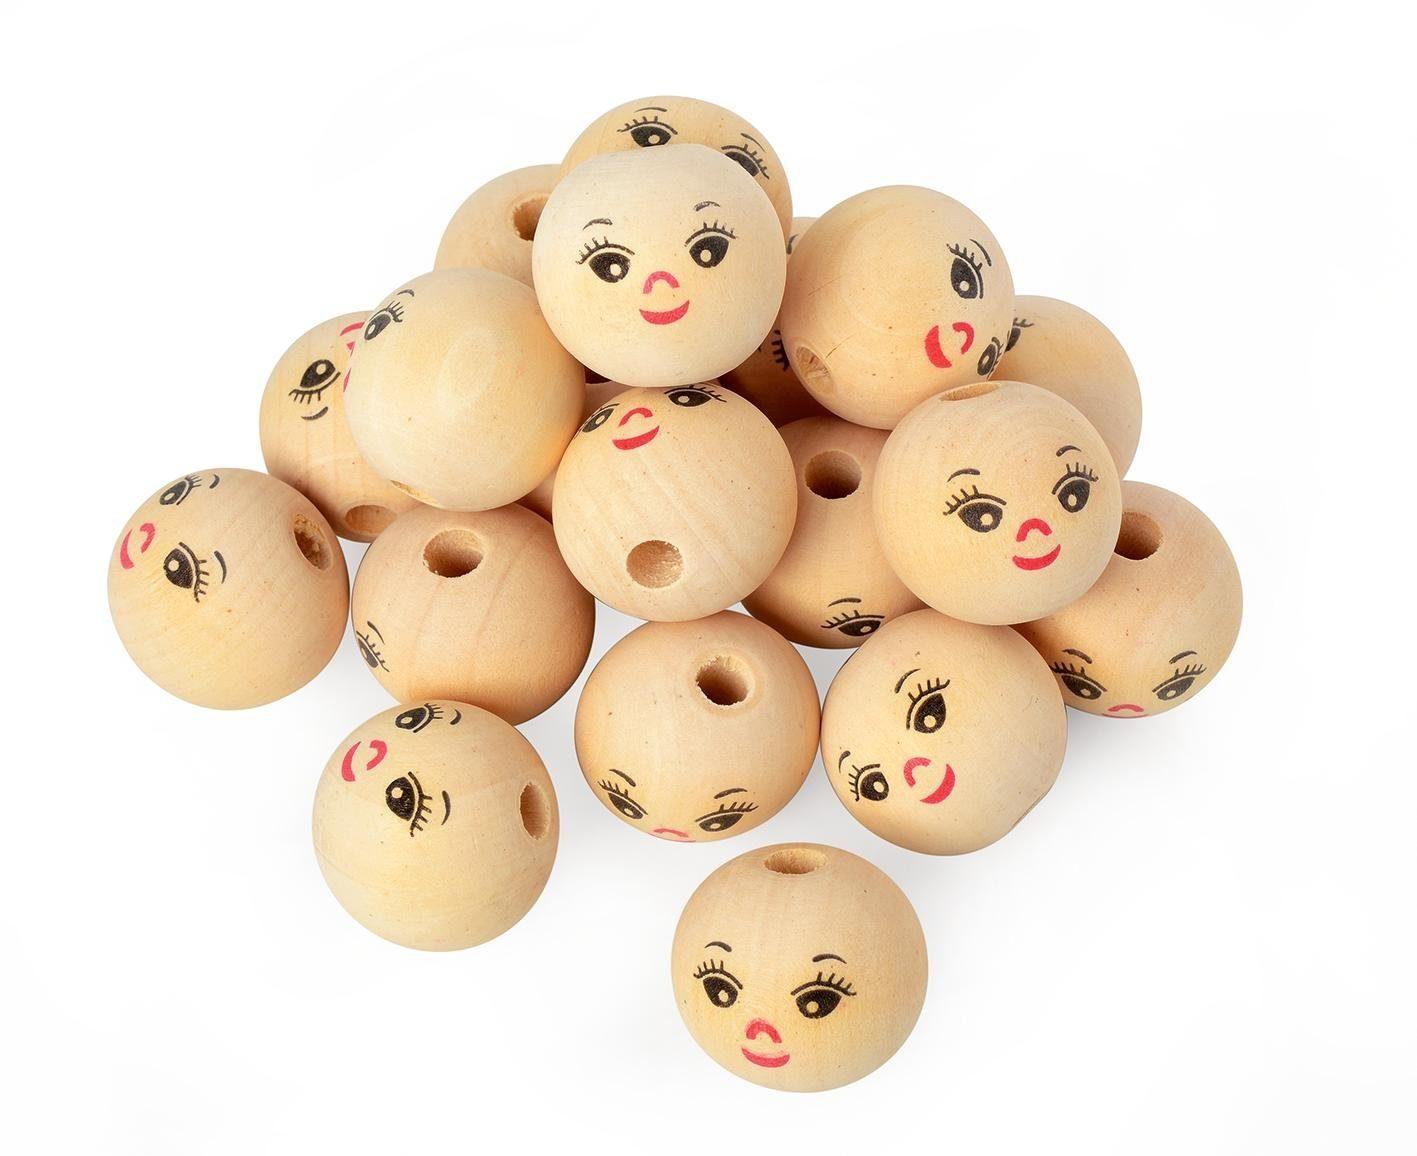 VBS Großhandelspackung Holzkugeln mit Gesicht, 25 Stück, Ø 30 mm